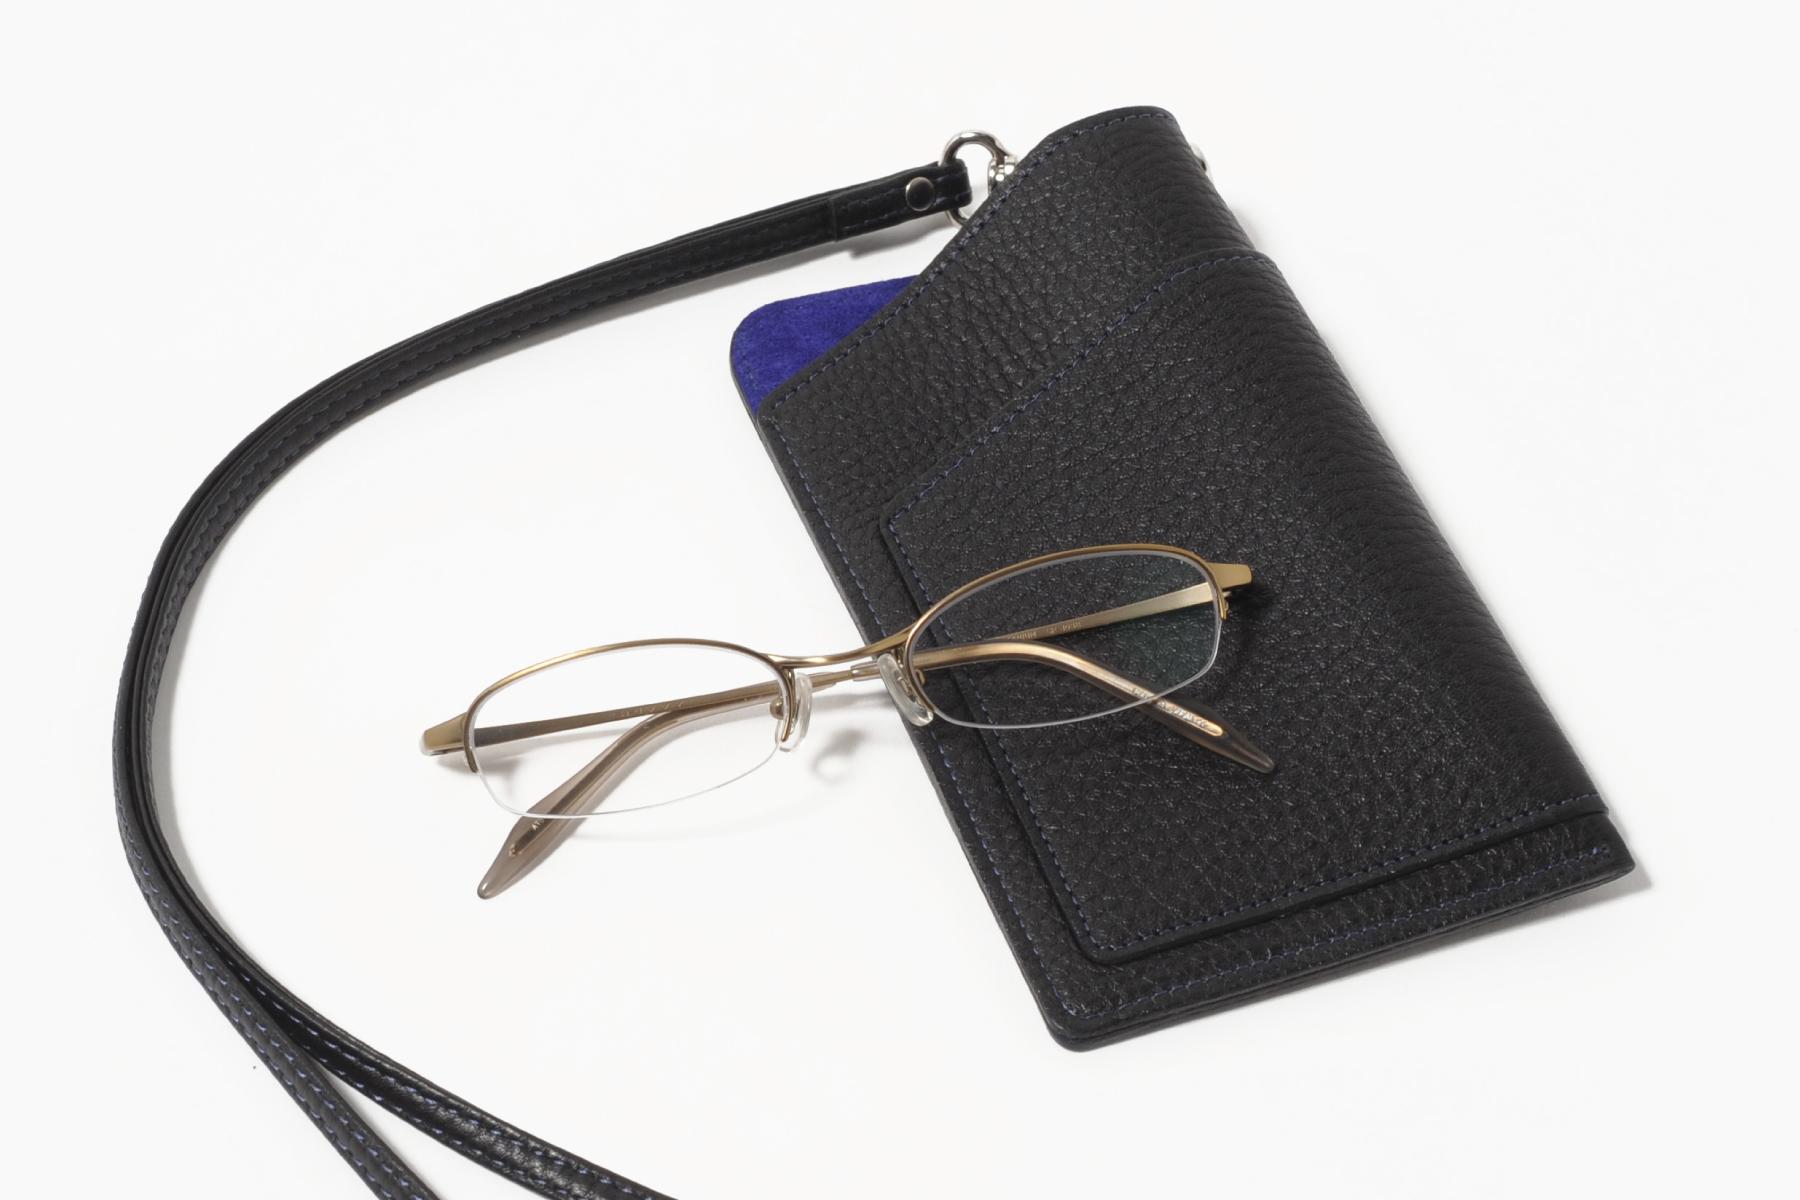 メガネケースとしても使用可能な多機能スマホケース